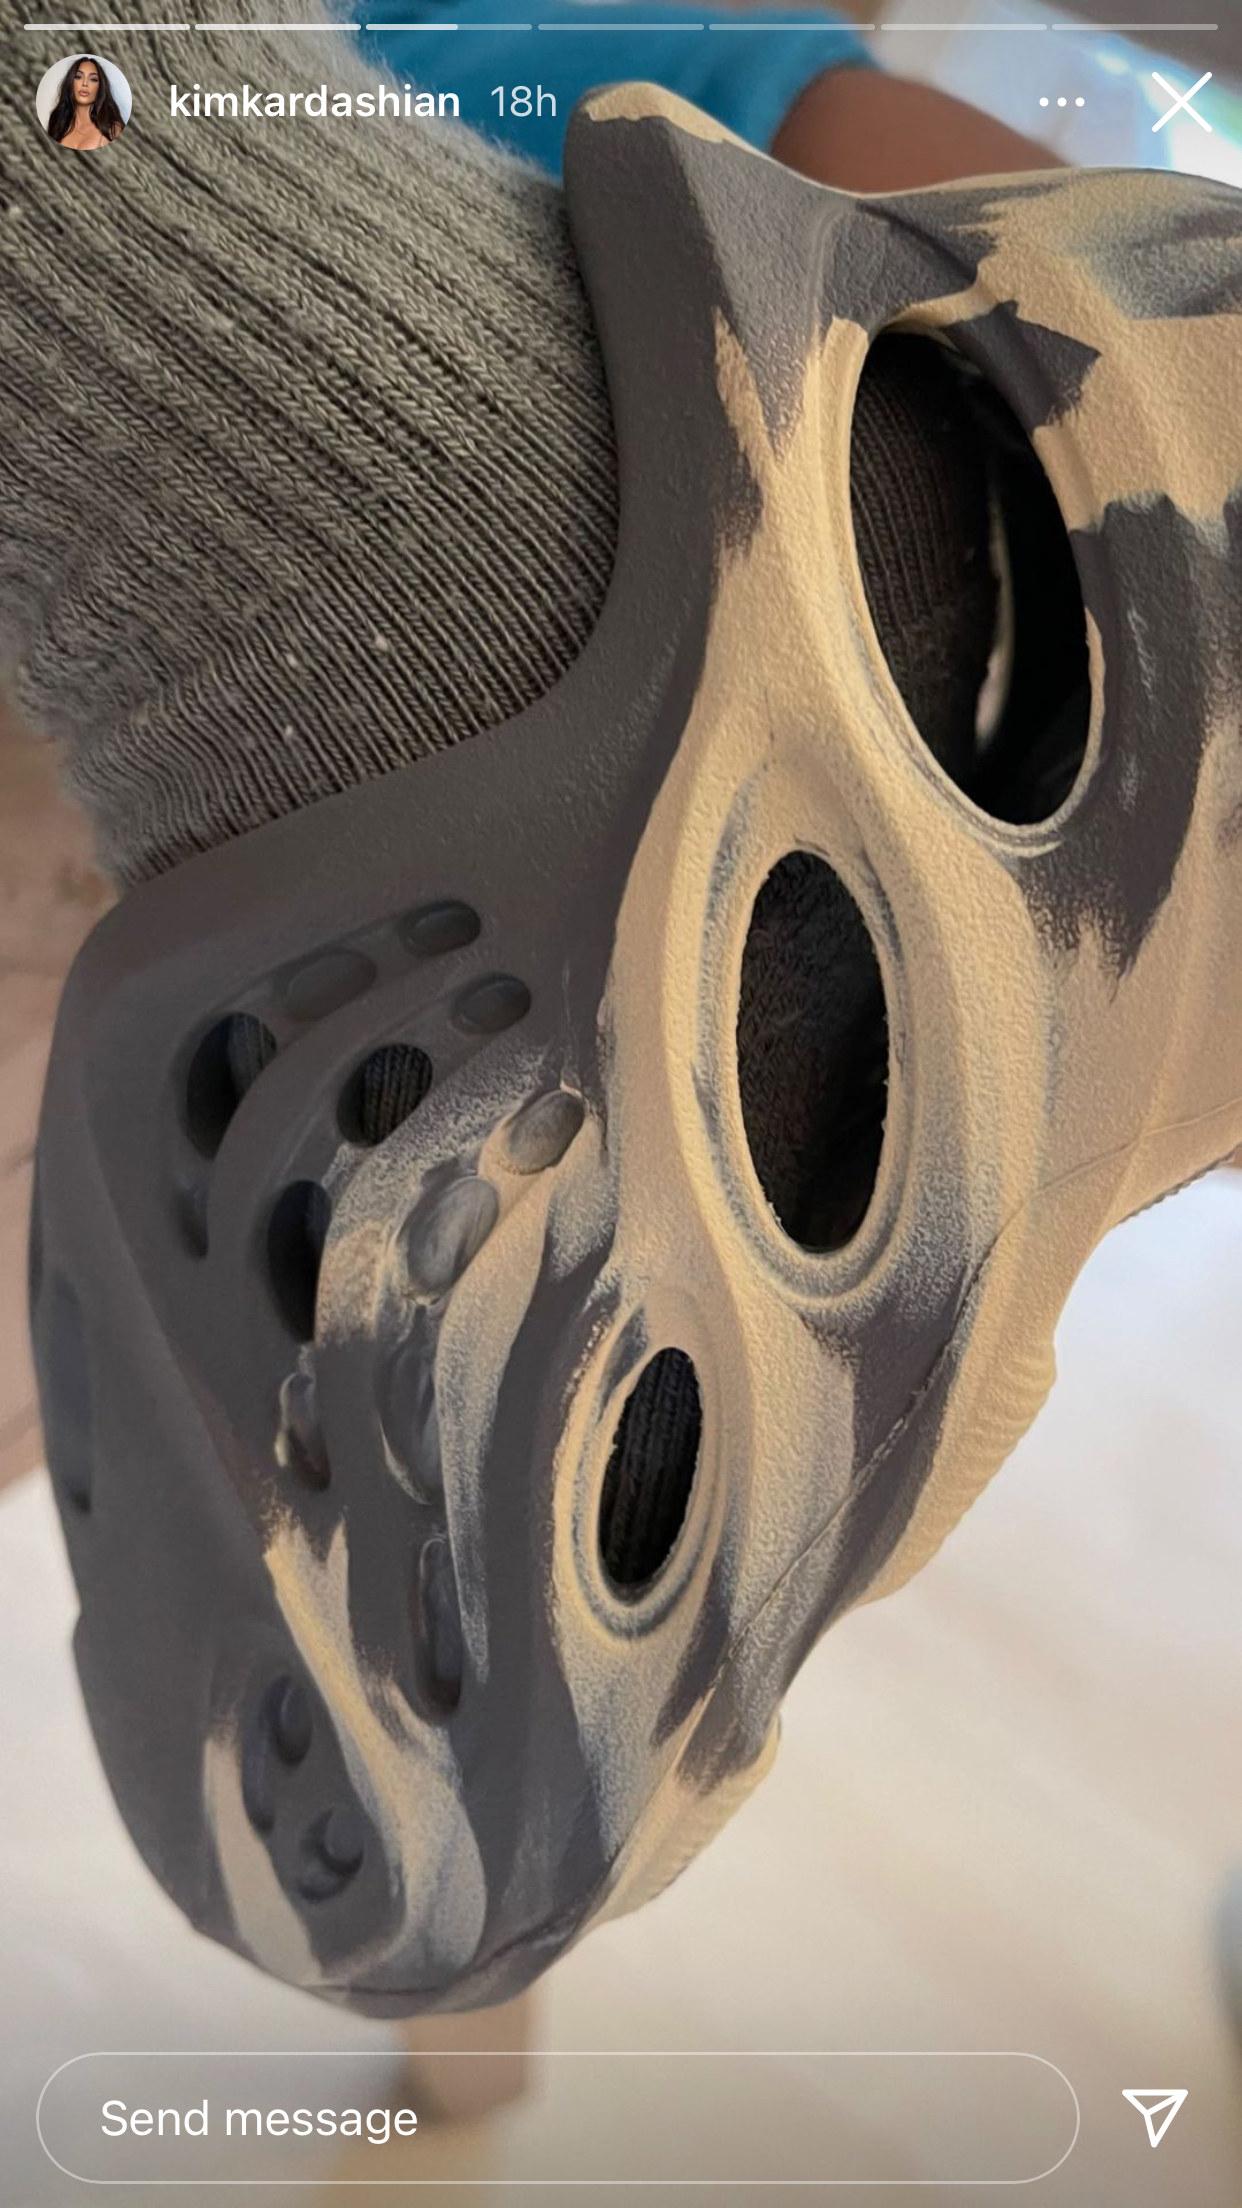 A close-up view of a Yeezy Foam Runner shoe